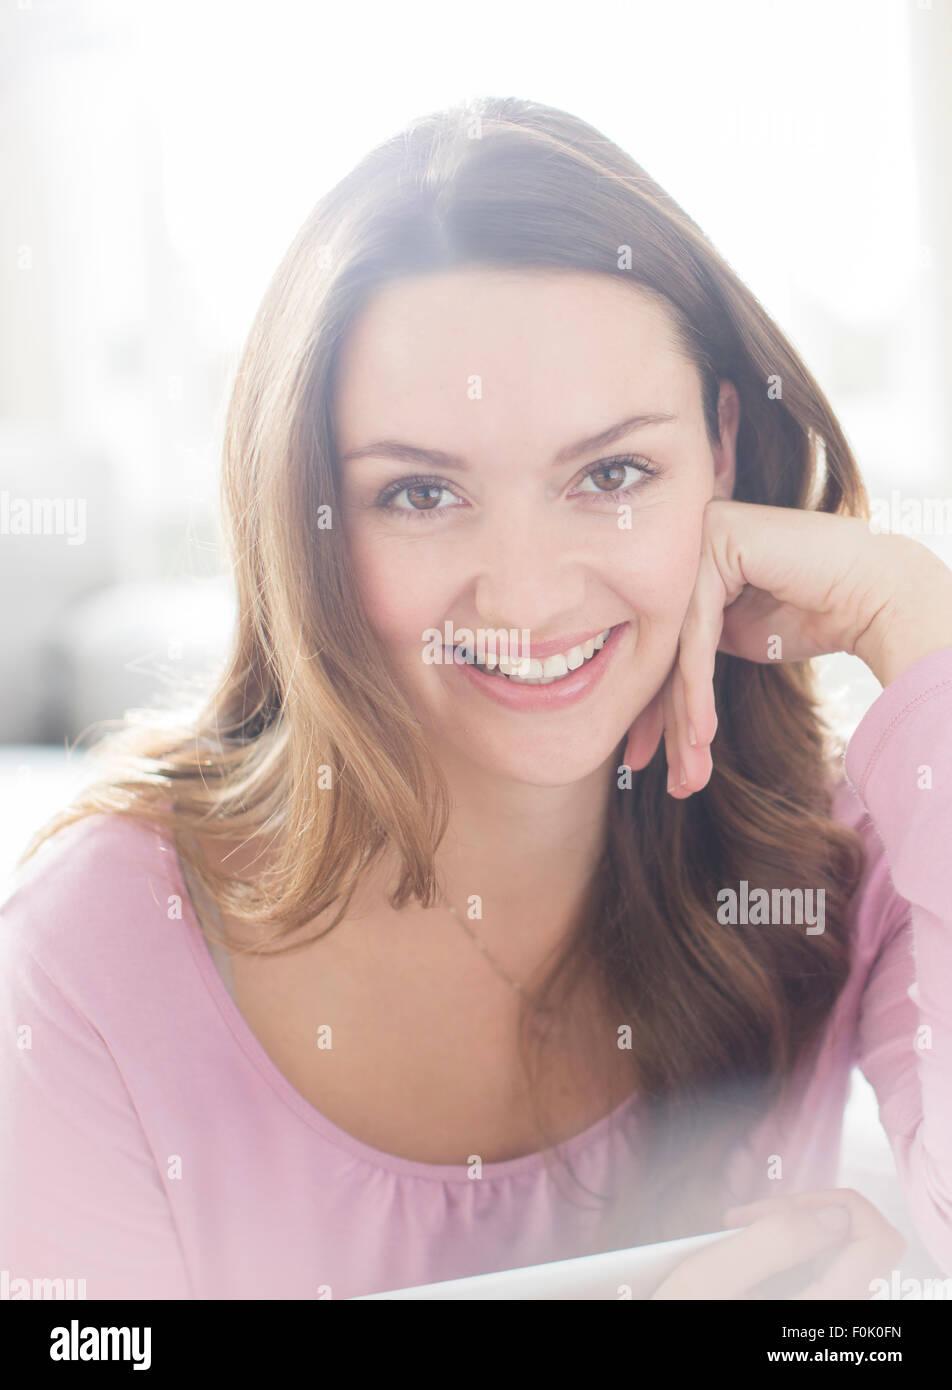 Porträt lächelnde Brünette Frau hautnah Stockbild